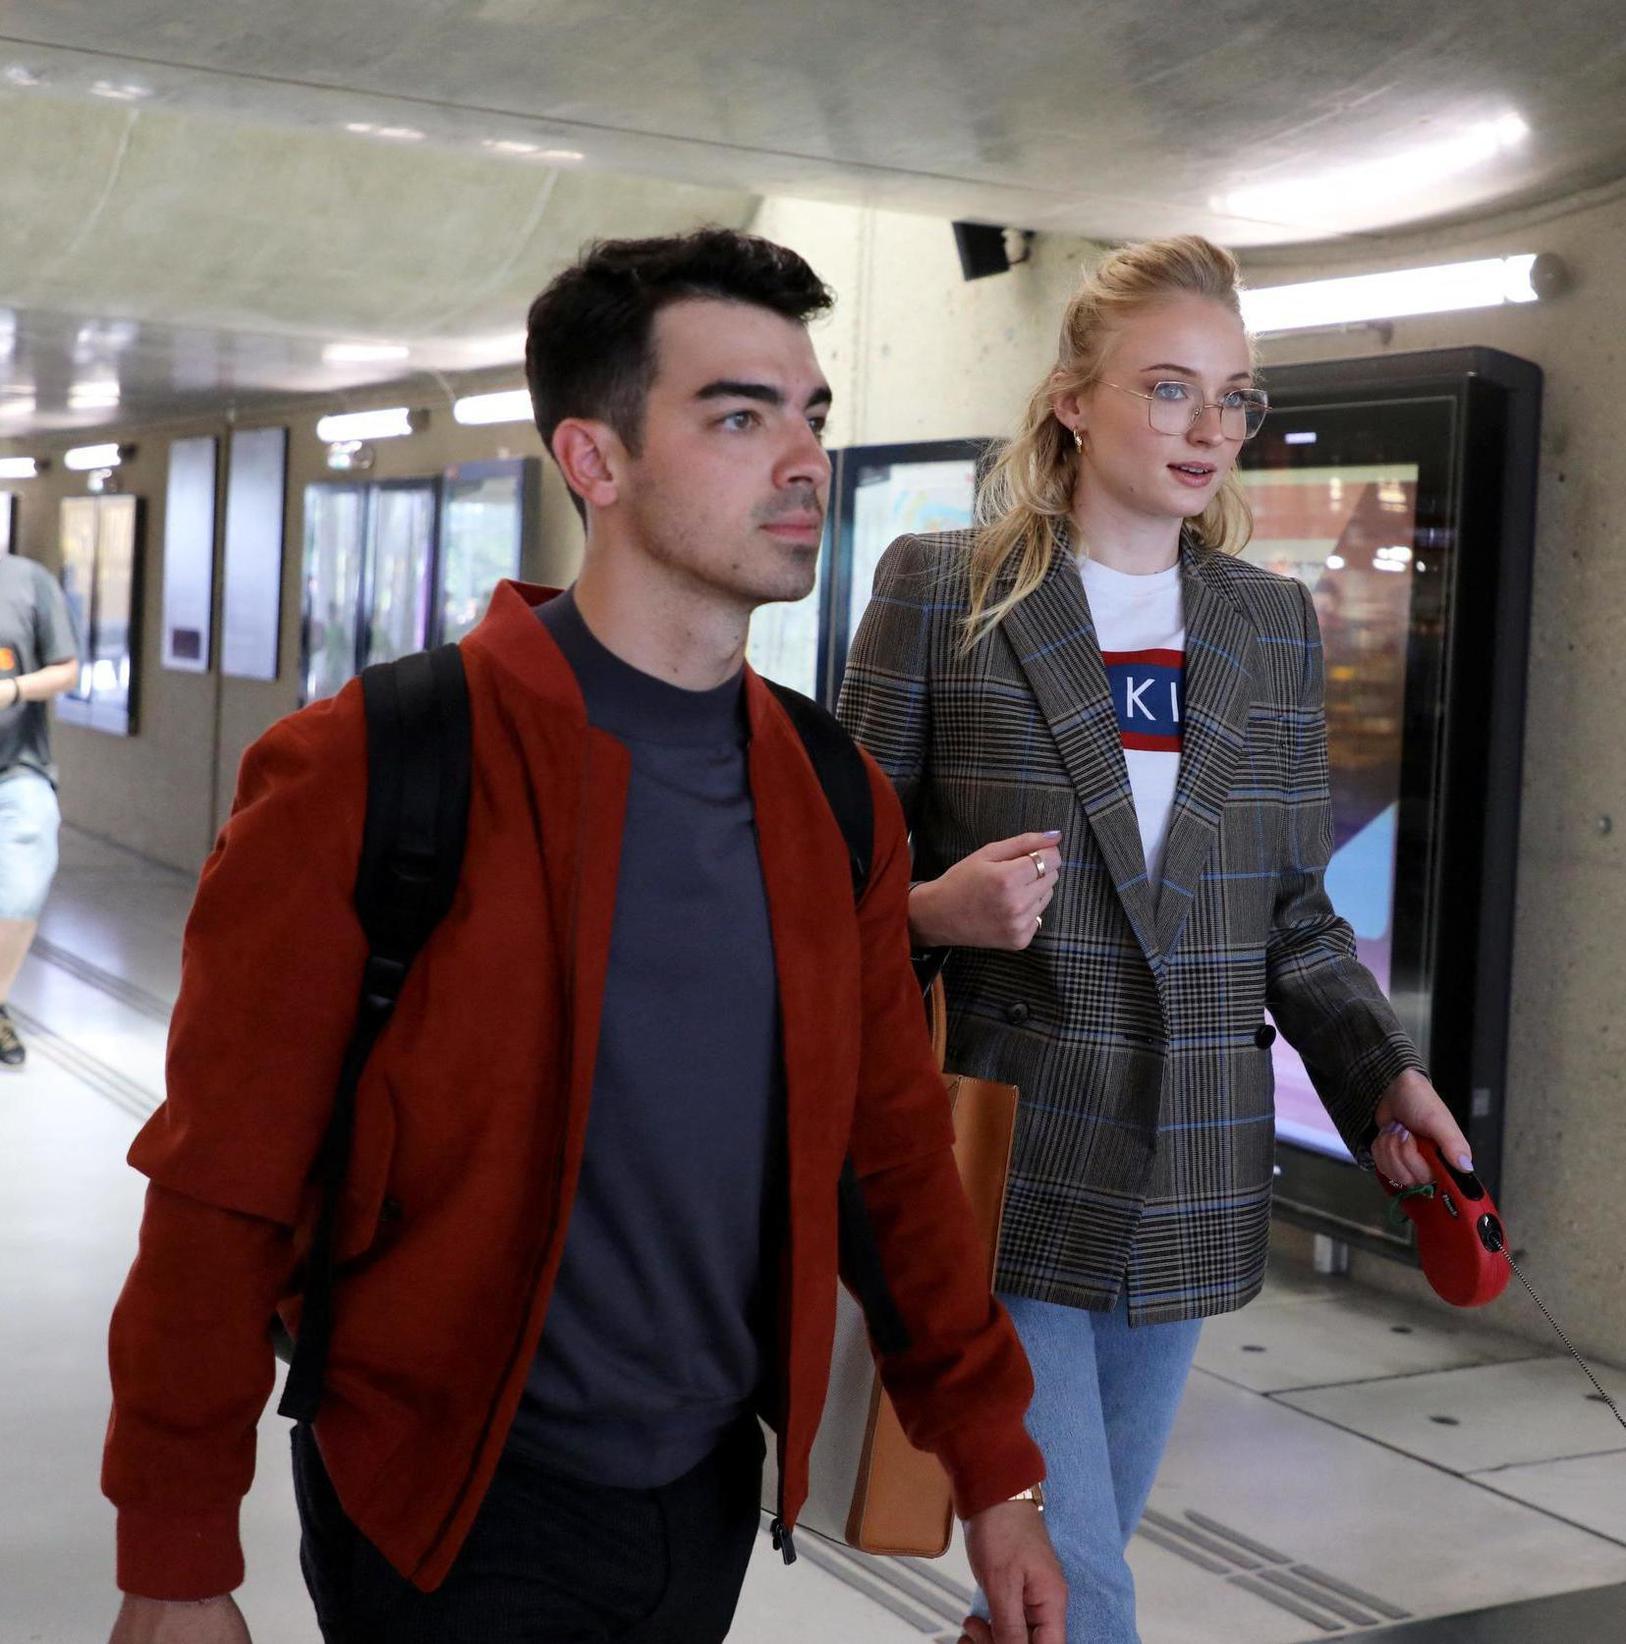 Après un court séjour à Paris, la star de la série « Game of Thrones » Sophie  Turner est arrivée hier après,midi à la gare TGV d\u0027Avignon avec Joe Jonas,